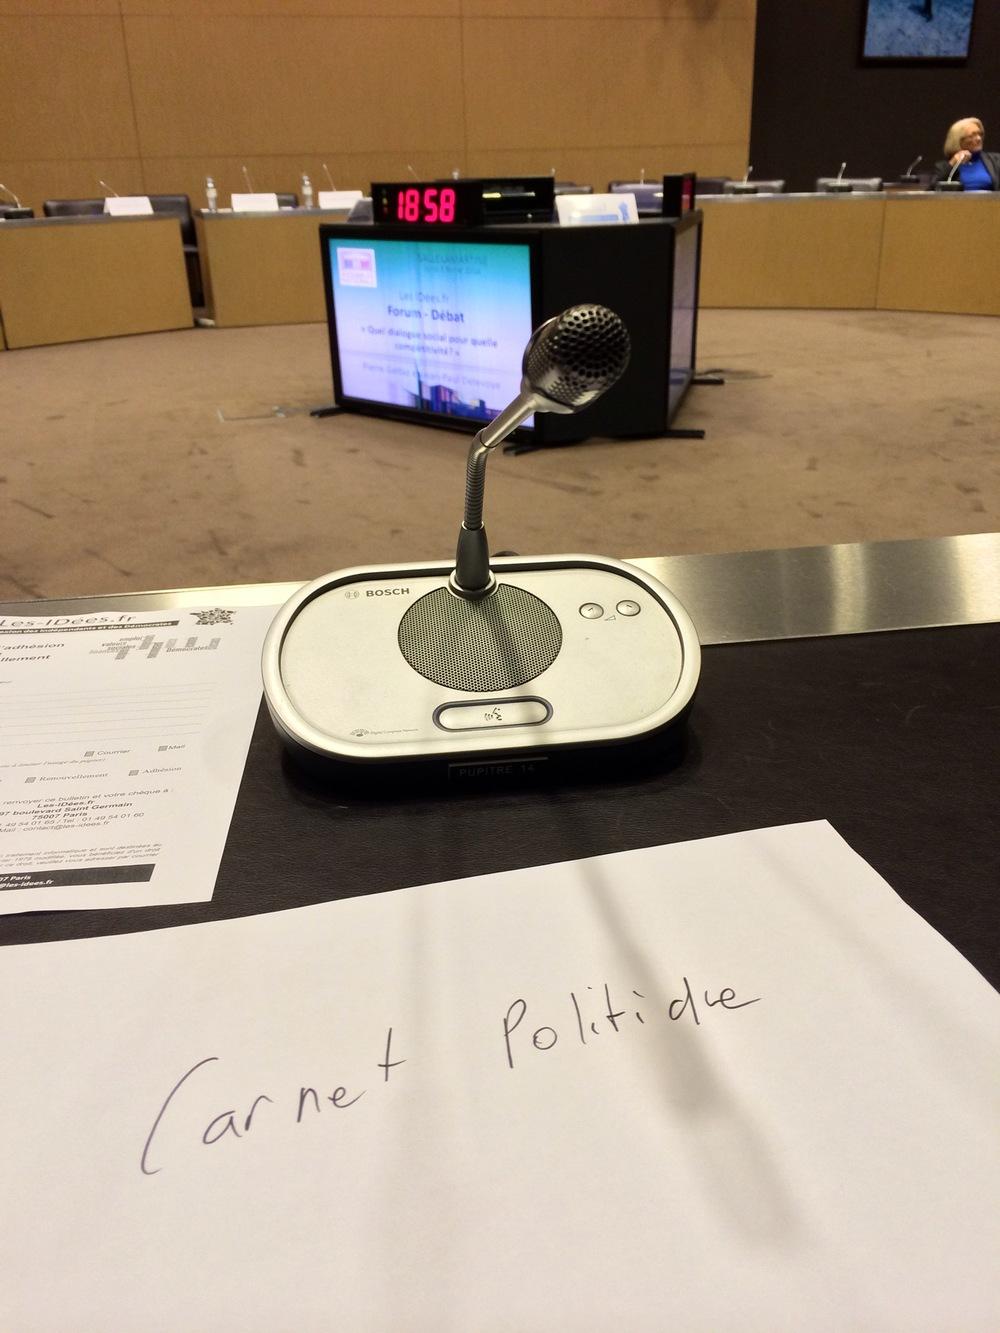 Photo du débat-forum organisé par LesIDées.fr, le club de réflexion politique de Louis Giscard d'Estaing dans la salle Lamartine de l'Assemblée Nationale (© François d'Estais)